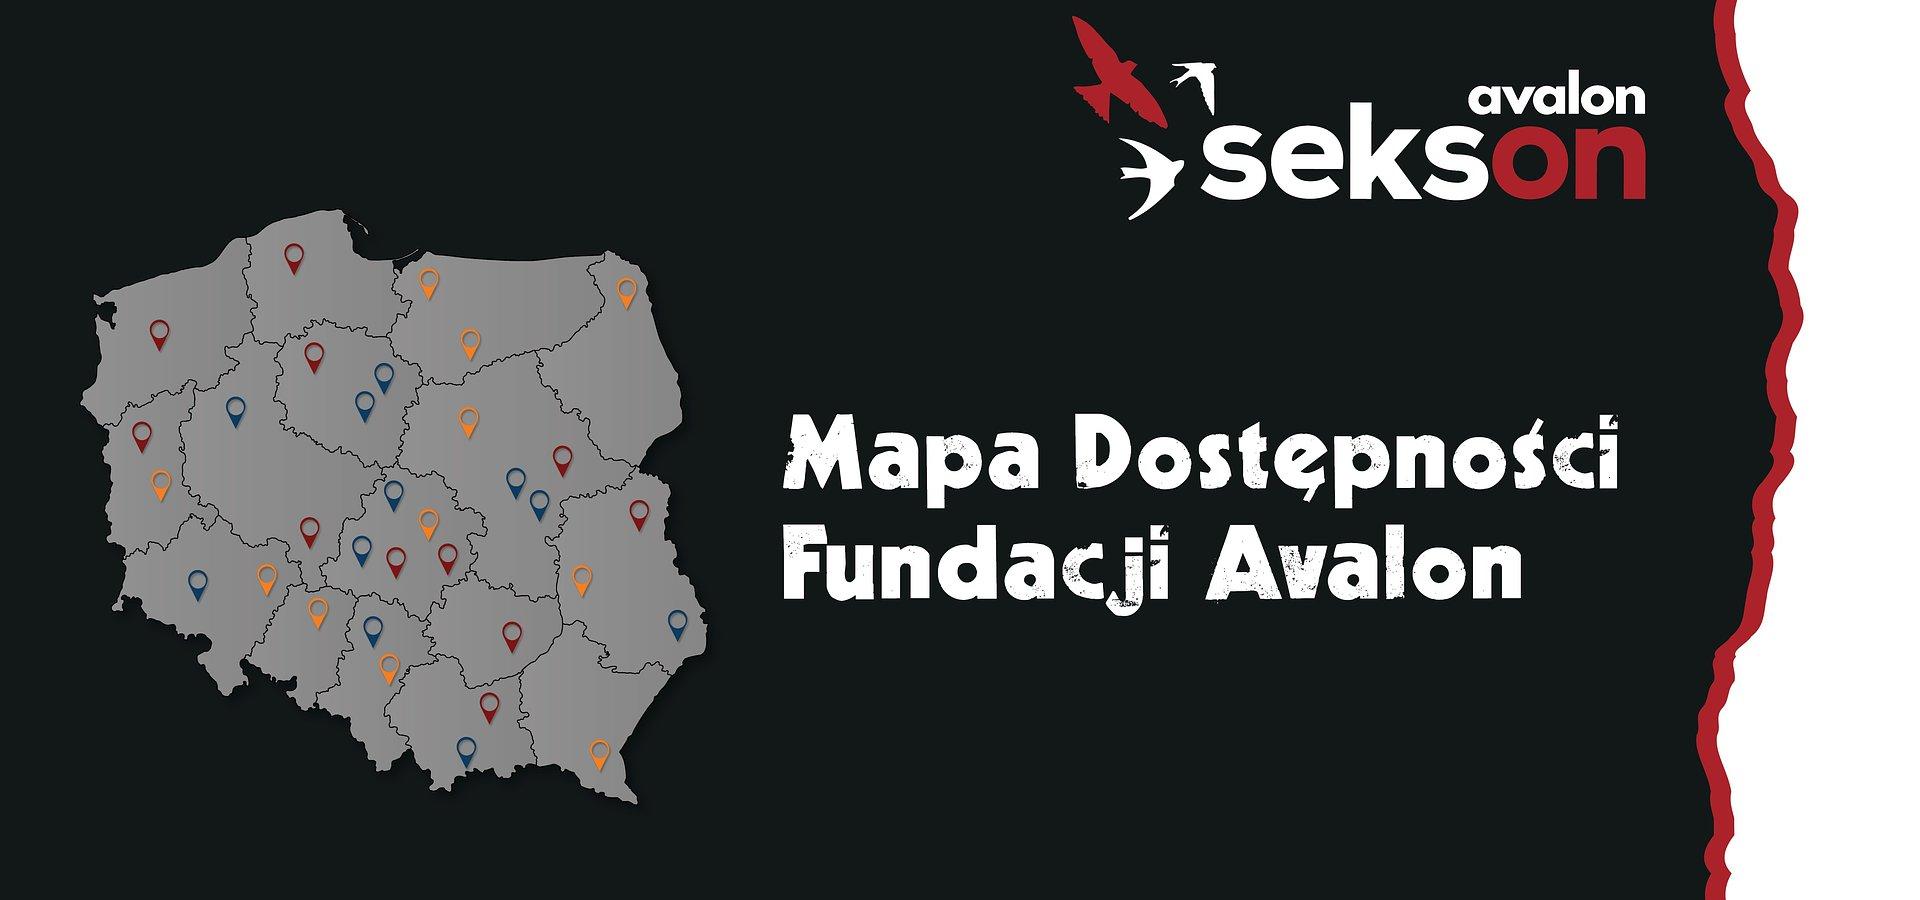 Mapa Dostępności Fundacji Avalon objęła całą Polskę